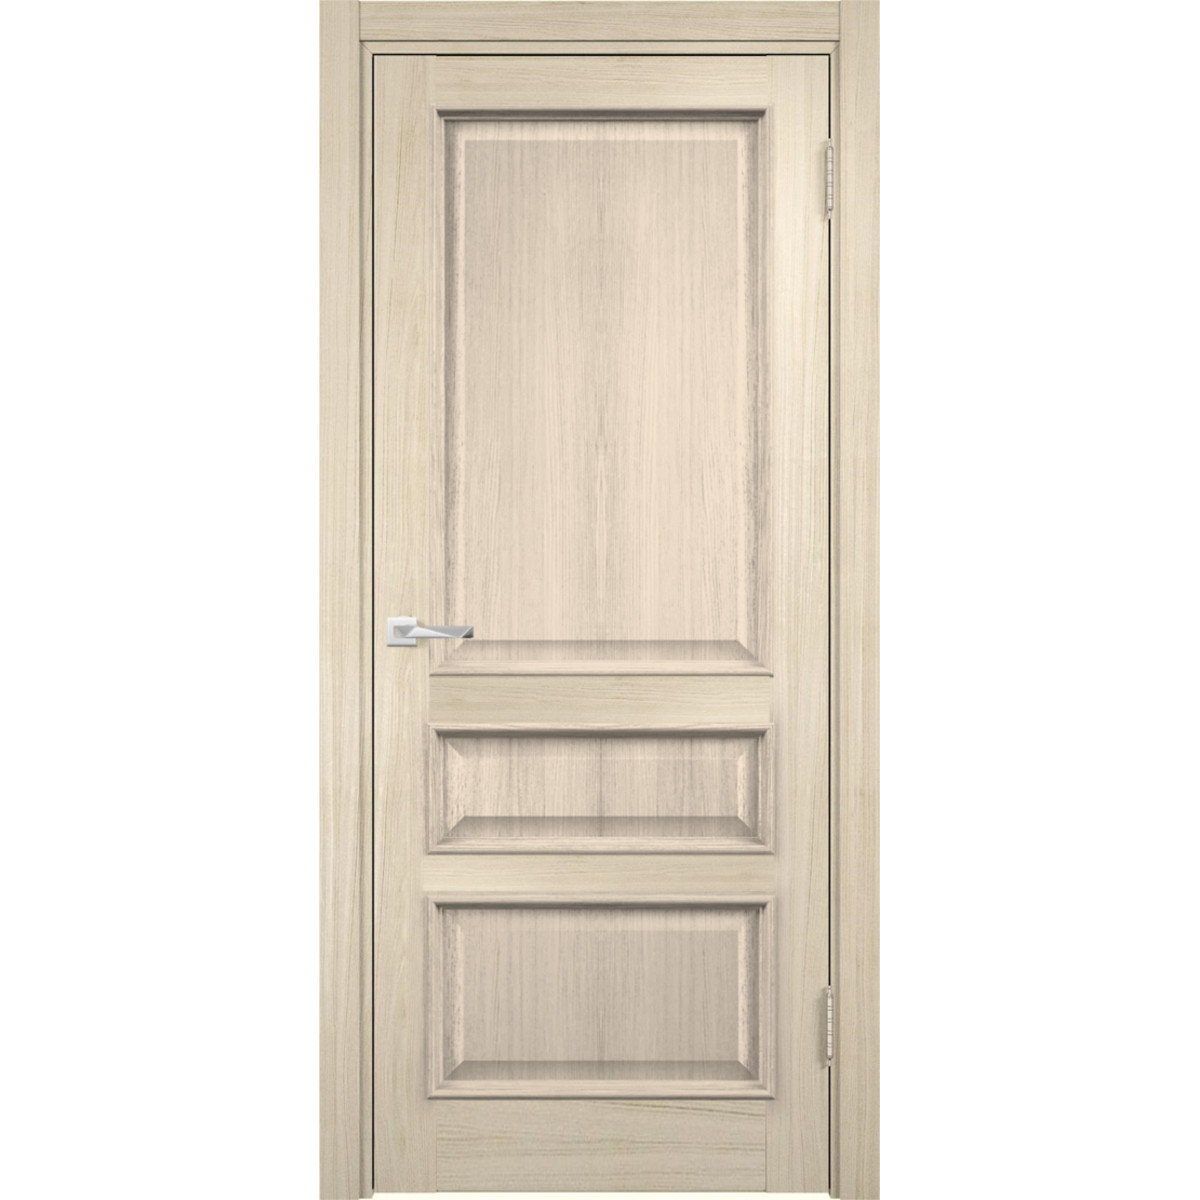 Дверь Межкомнатная Глухая С Замком В Комплекте Барселона 80x200 Пвх Цвет Дымчатый Дуб